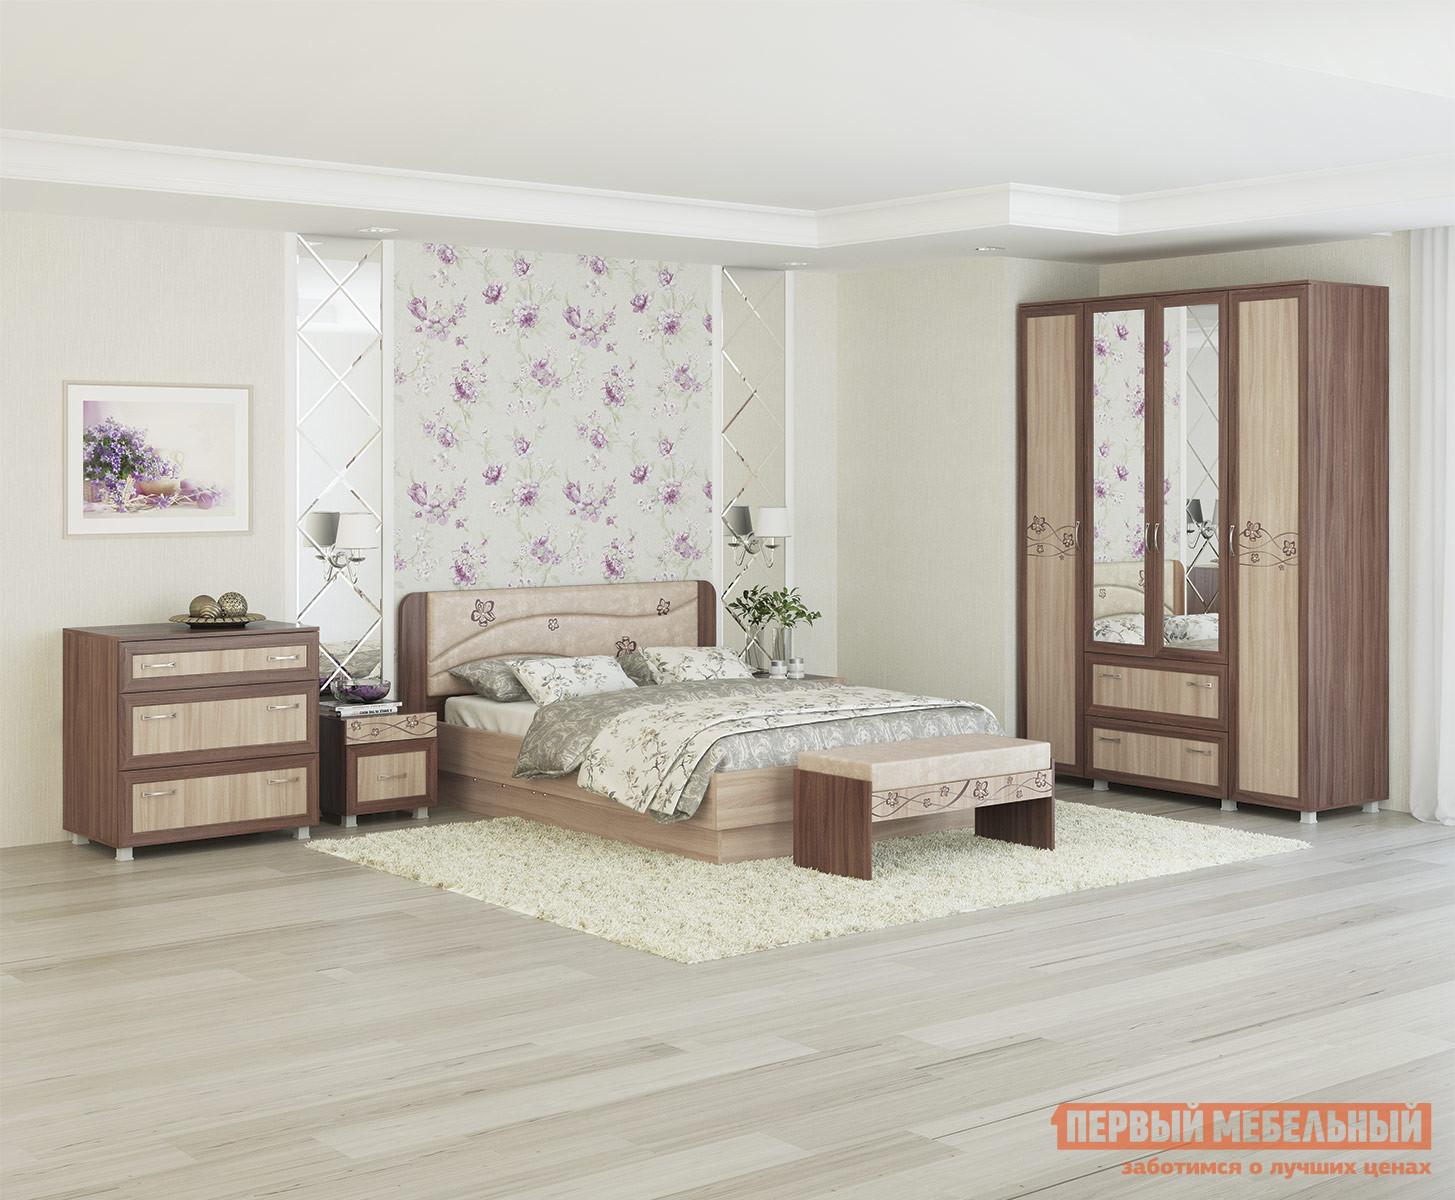 Комплект мебели для спальни МСТ Сальвия К1 комплект детской мебели трия аватар лаванда к1